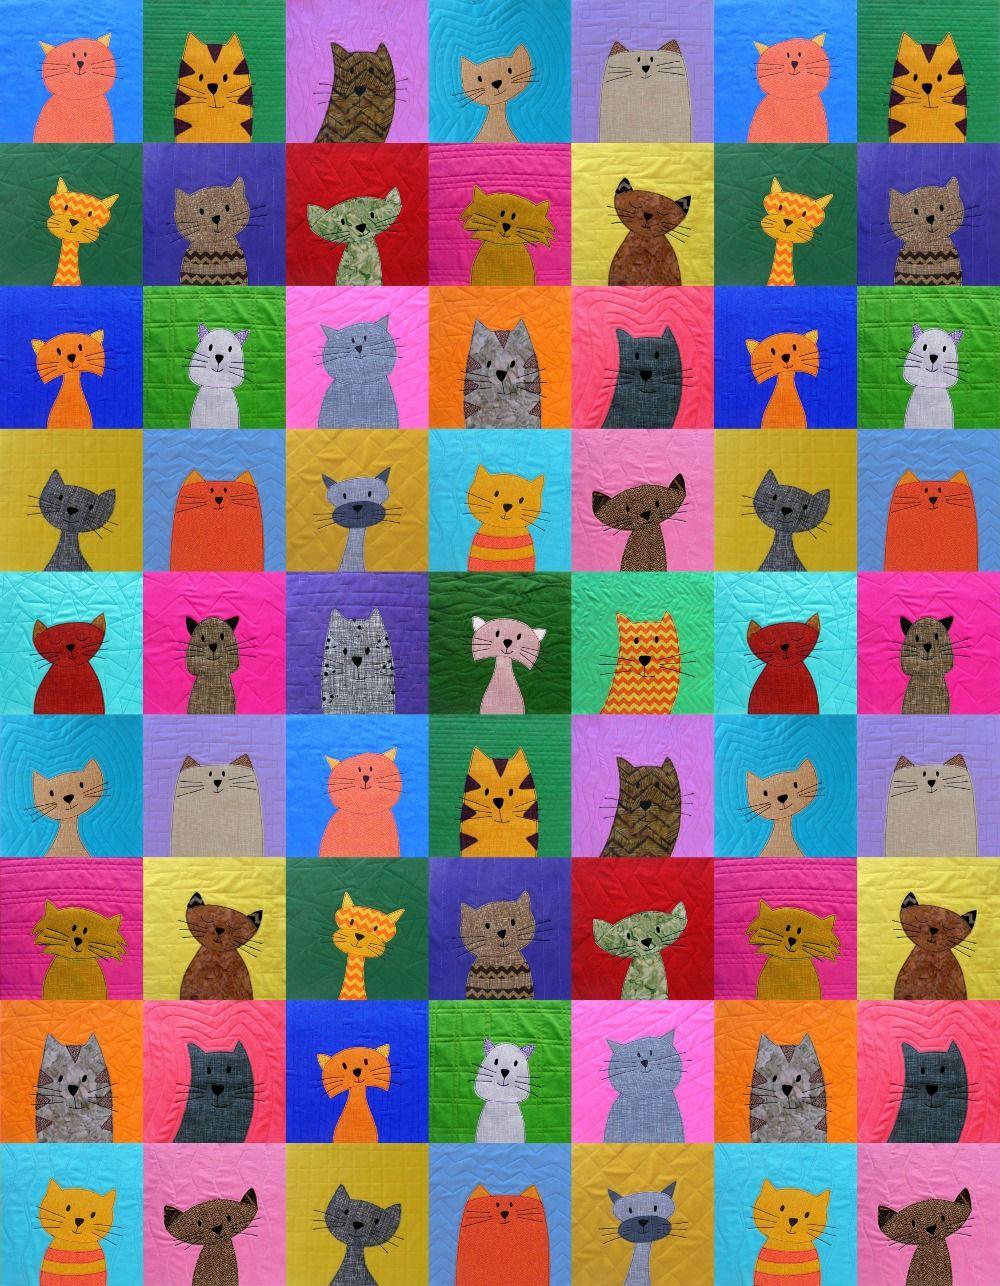 Cats Quilt Pattern Cat applique, Applique quilt patterns and Applique quilts